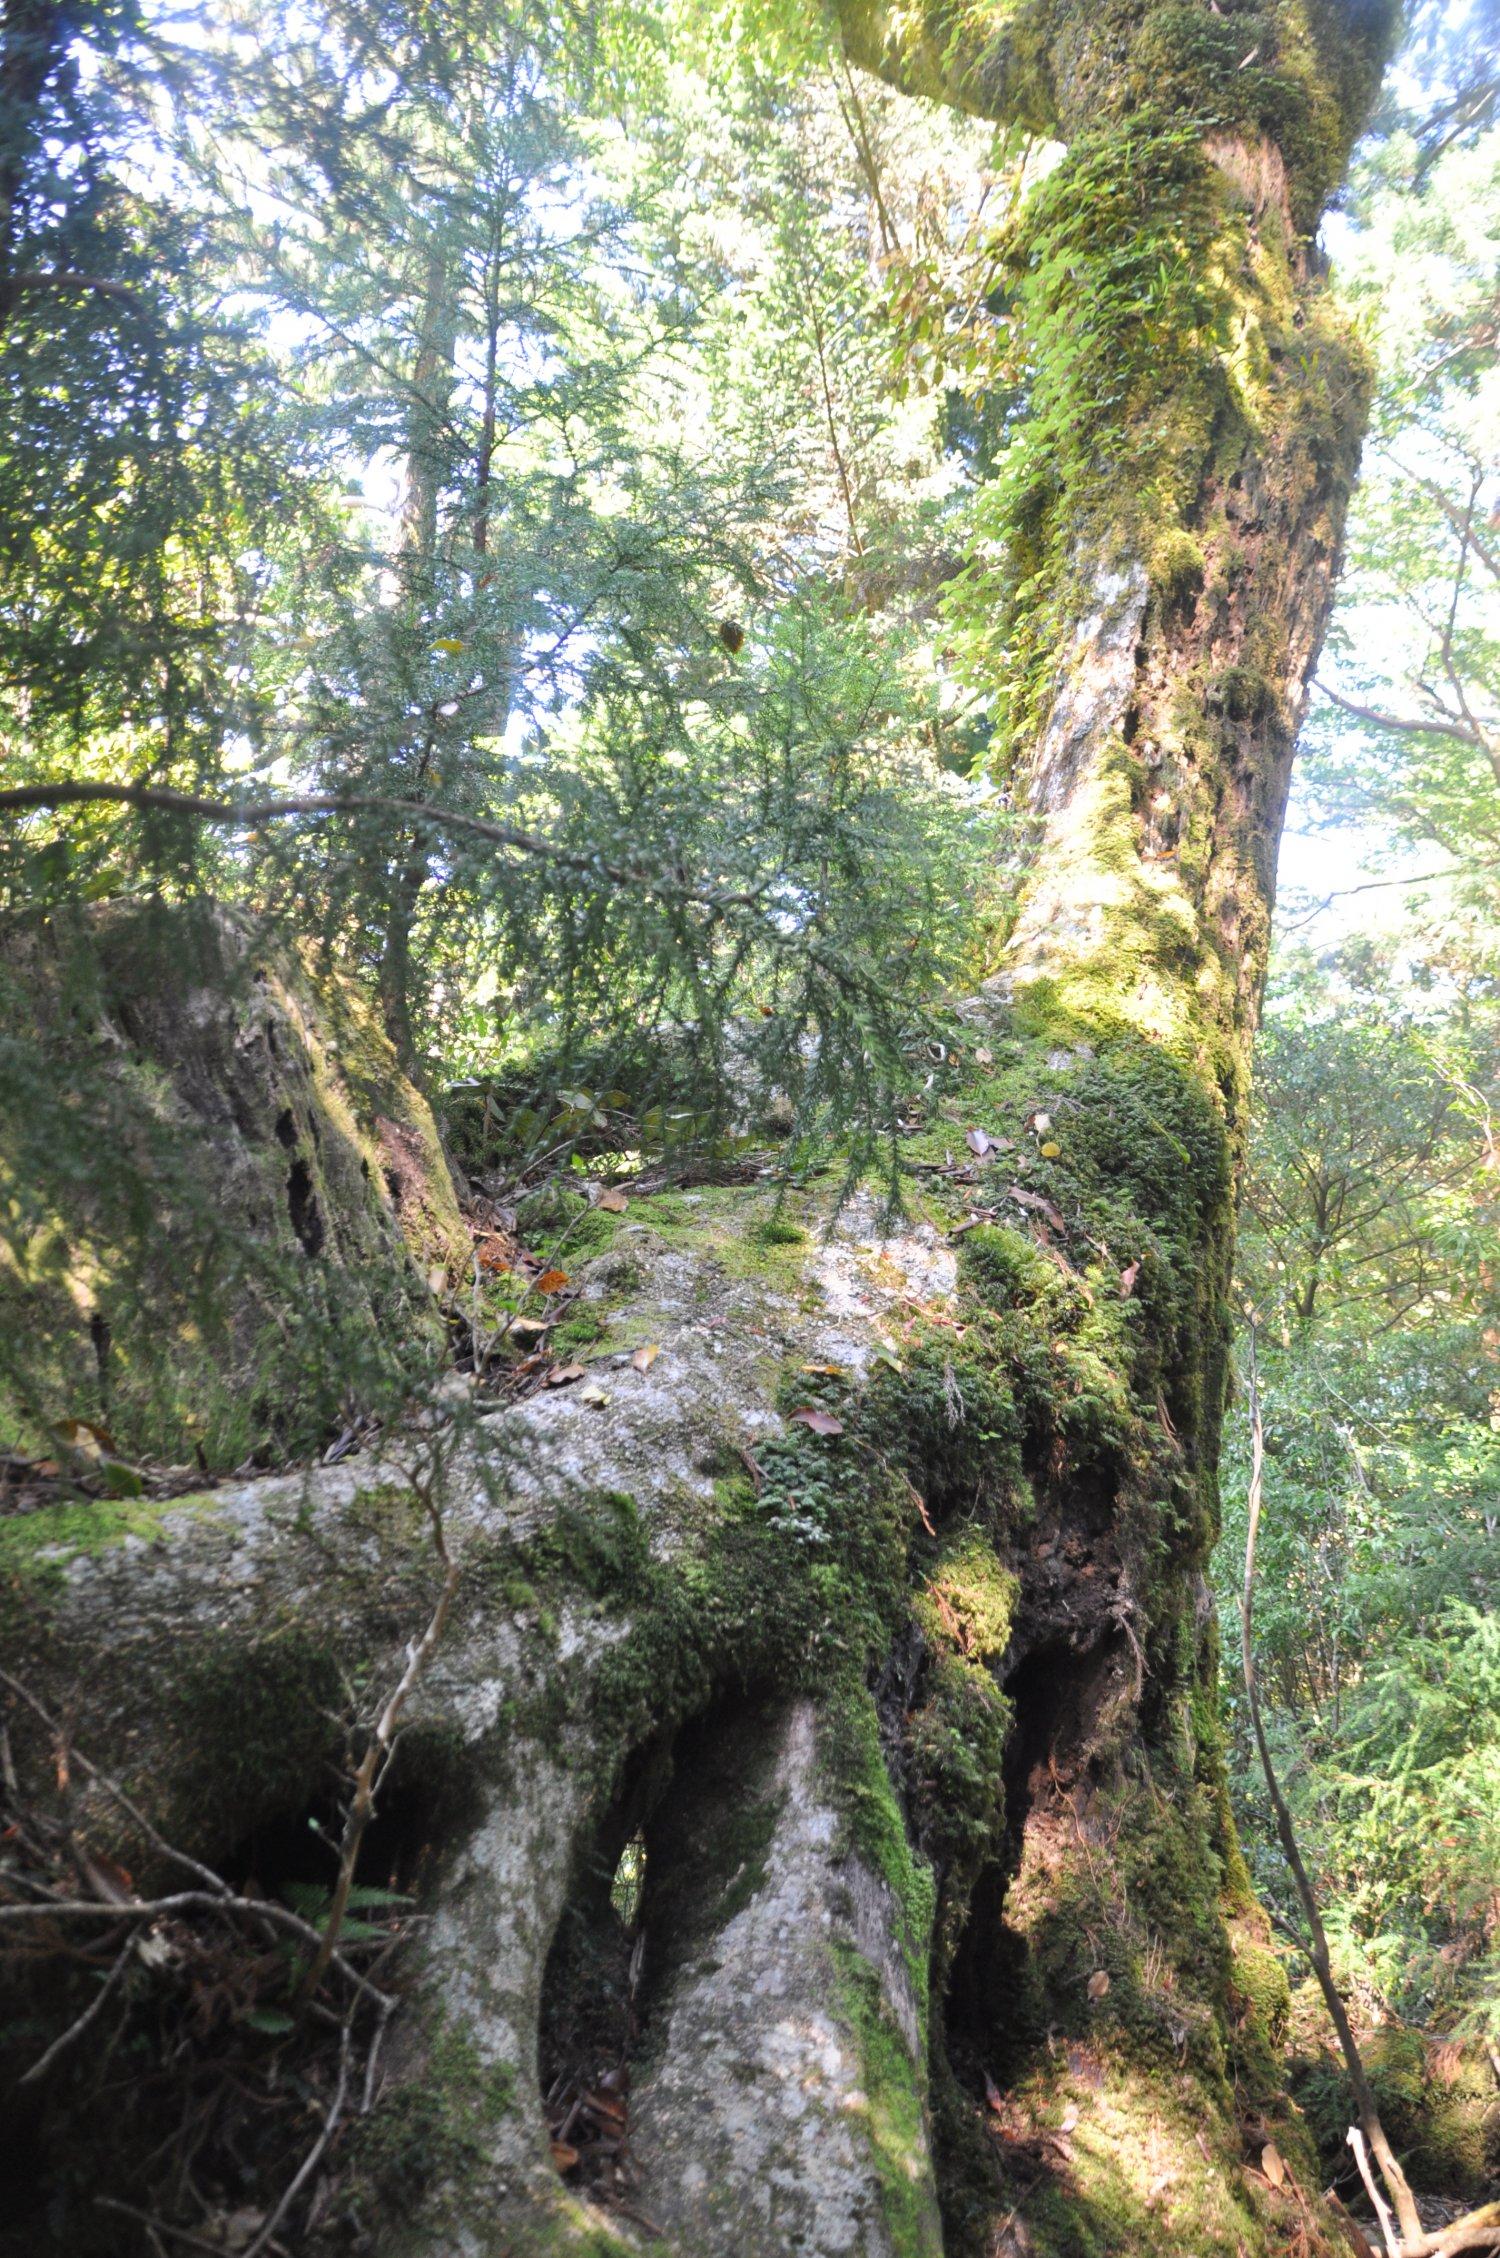 着生したスギを枯らして成長するヤマグルマは屋久島特有の景色。